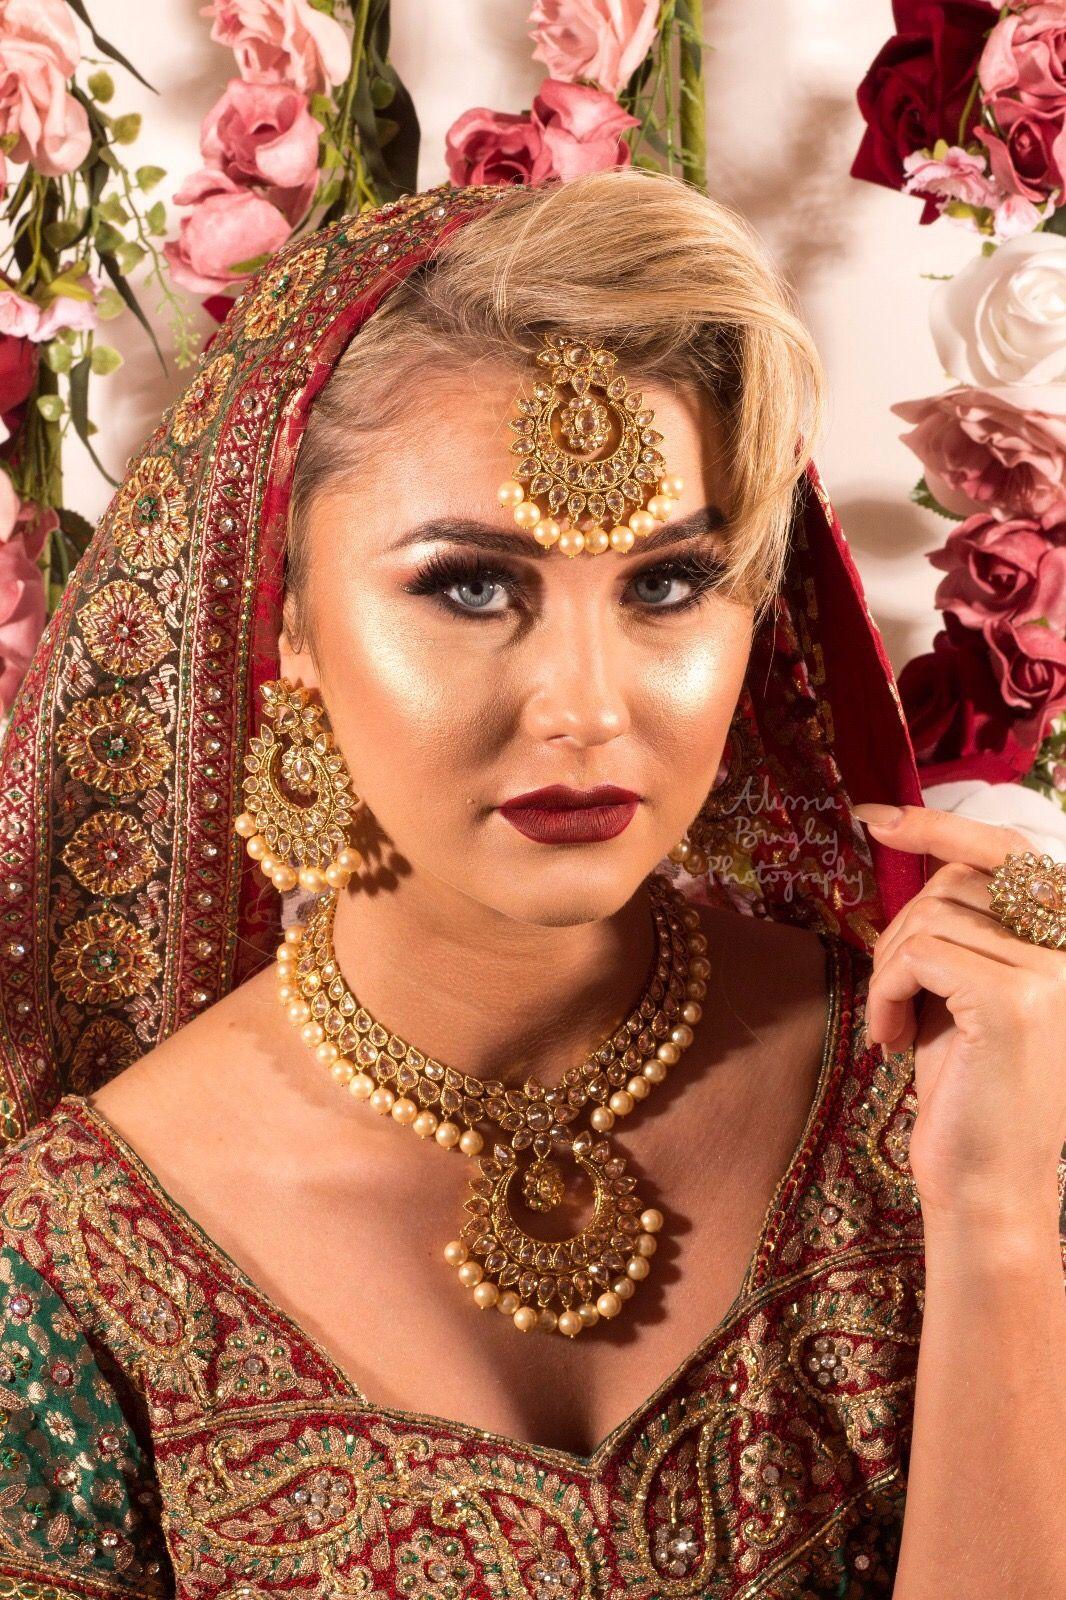 Pin by Krupa Khodiara on Perfection CO's Portfolio Hair